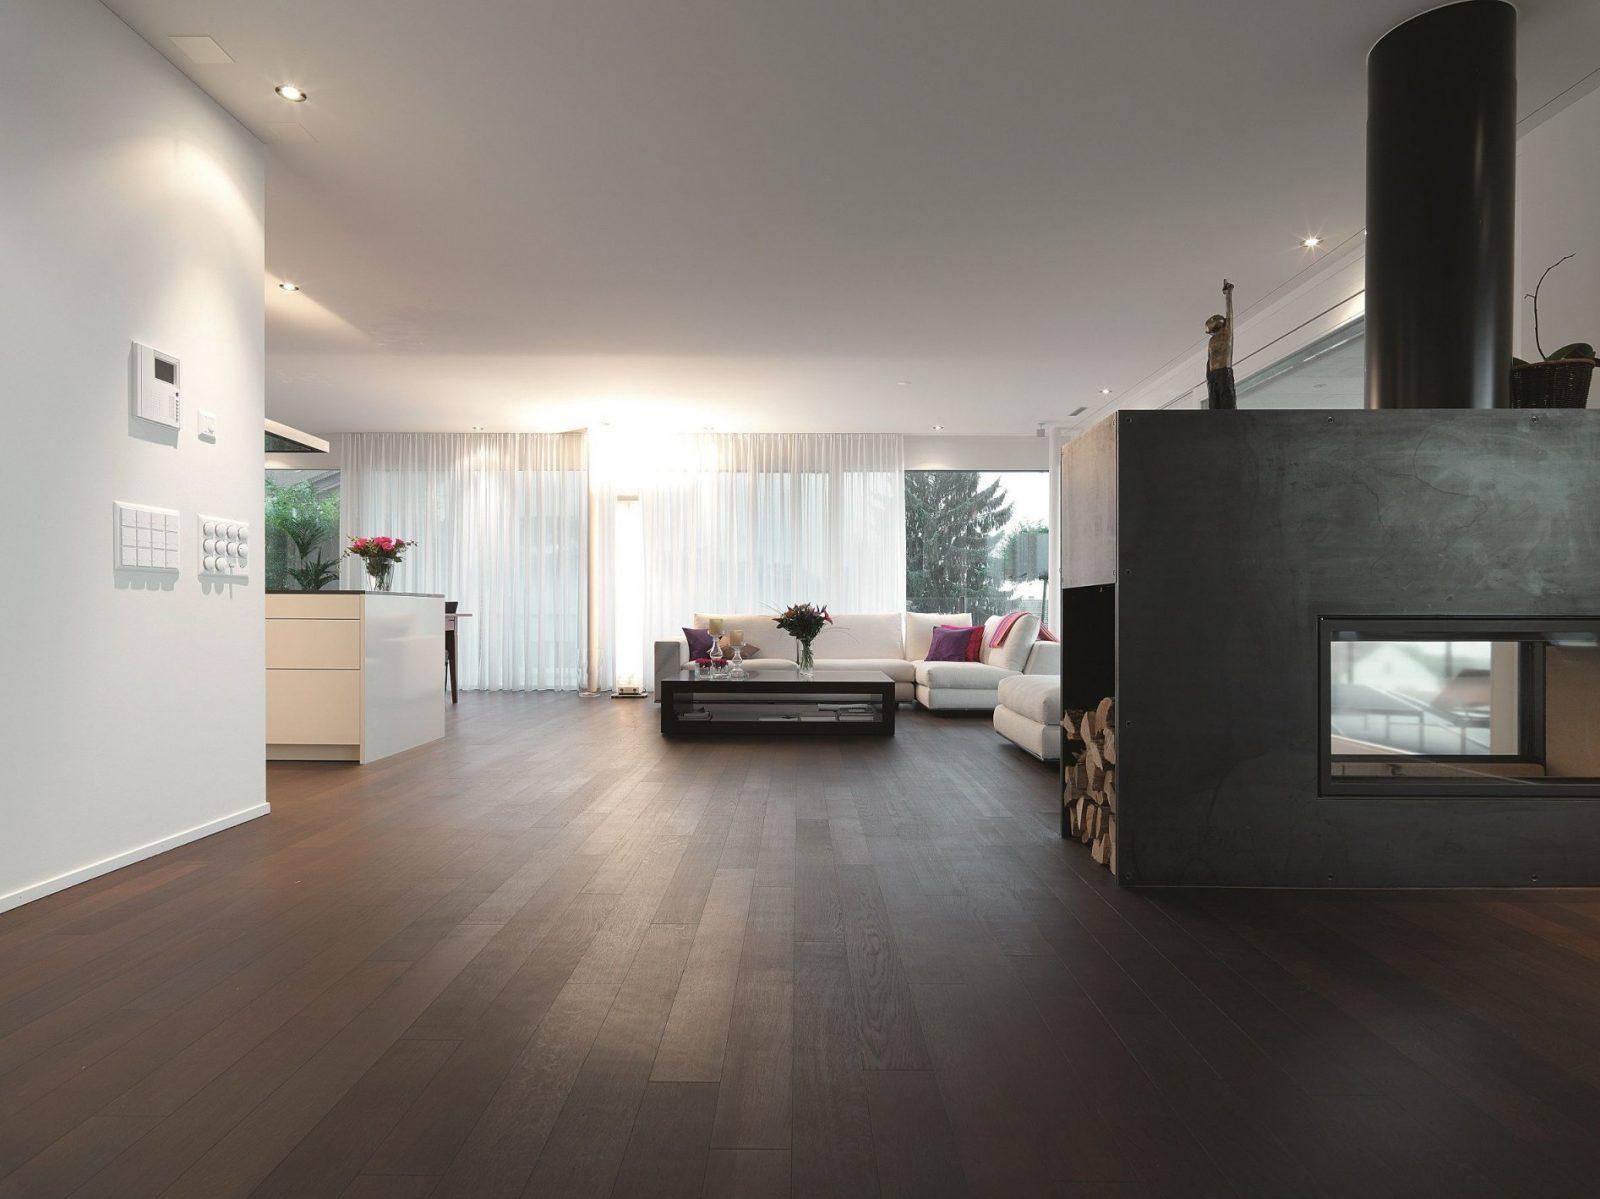 Schöner Kontrast Zwischen Dunkler Eiche Und Weißer Eleganz  Home In von Dunkle Fliesen Wohnzimmer Bilder Photo